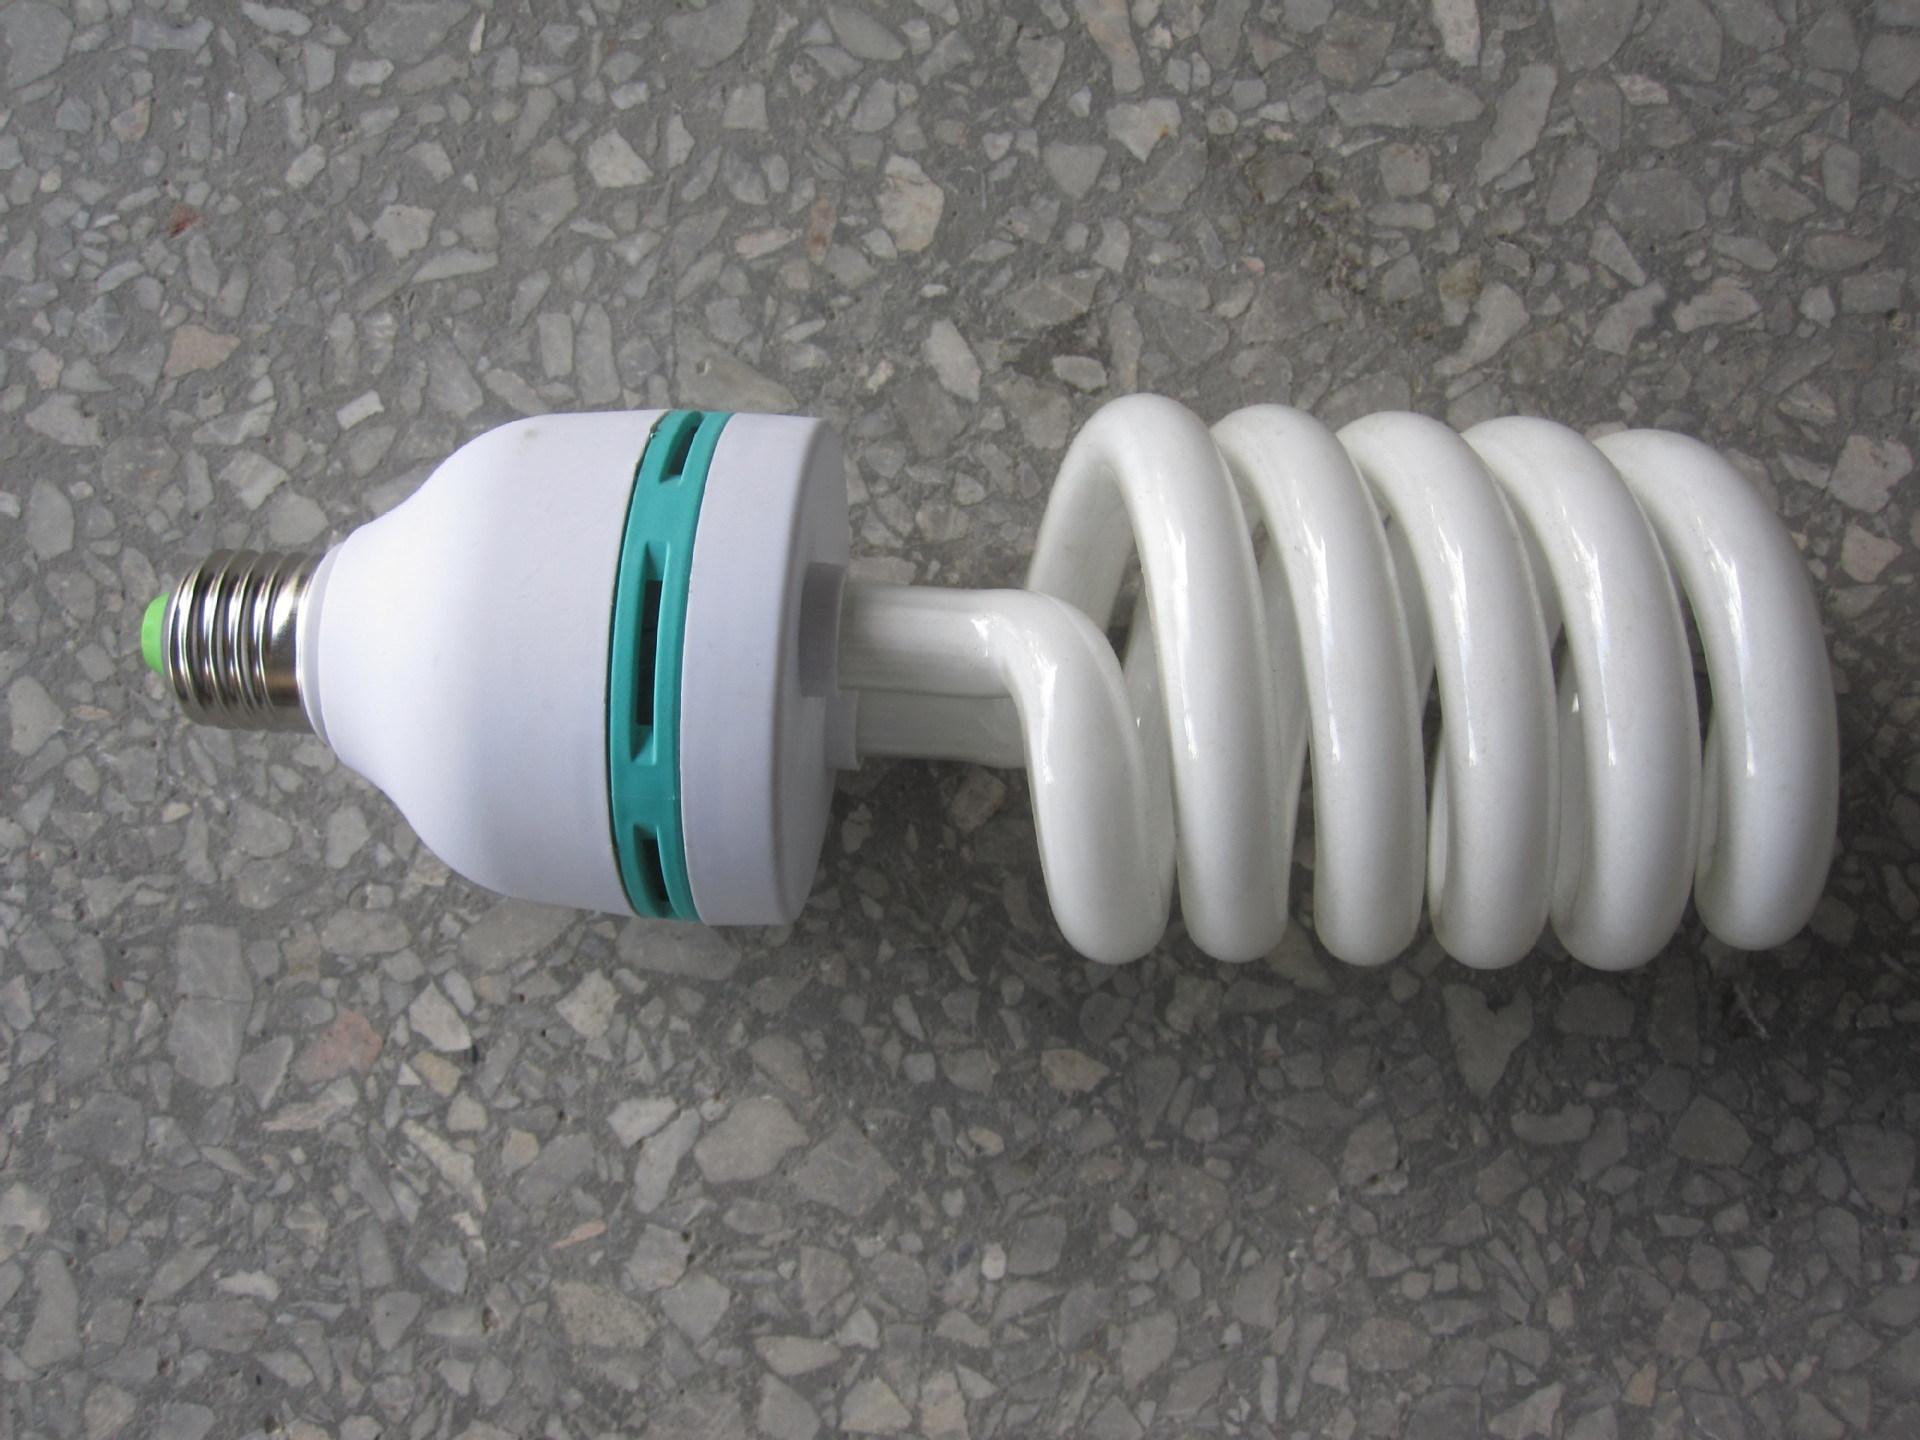 High Quanlity High Wattage Half Spiral Energy Saving Lamps